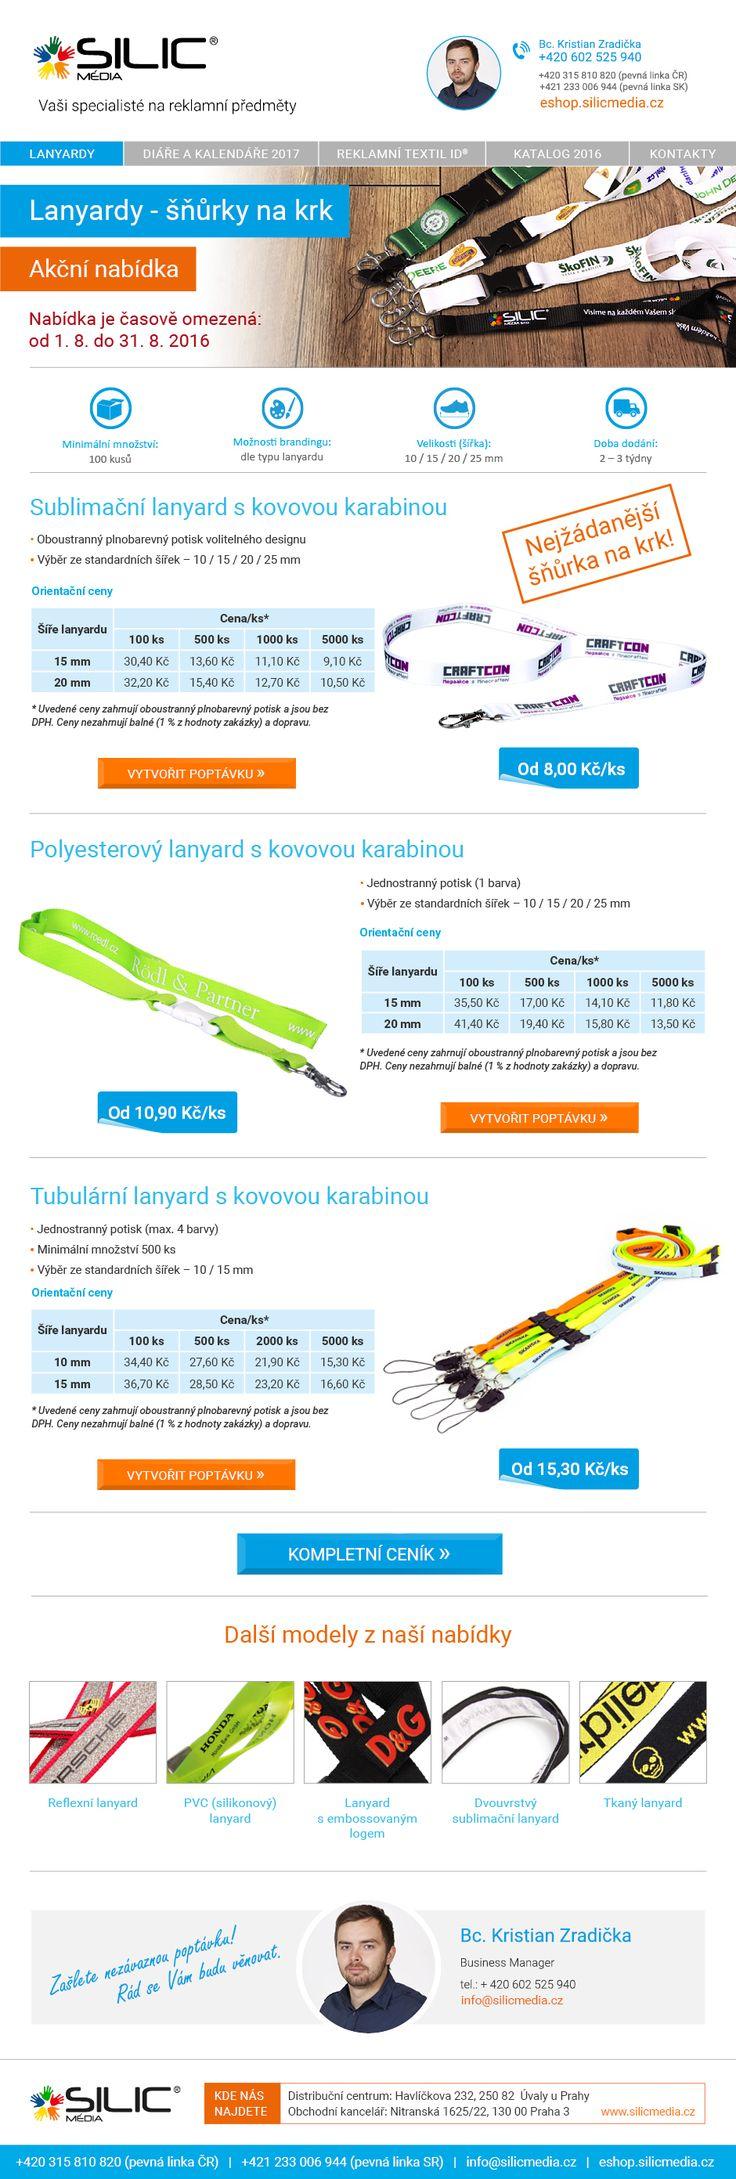 Šňůrky na krk - lanyardy za AKČNÍ CENY. Pozor, nabídka platí pouze v srpnu od 1. 8. do 31. 8. 2016! Objednávejte na info@silicmedia.cz.